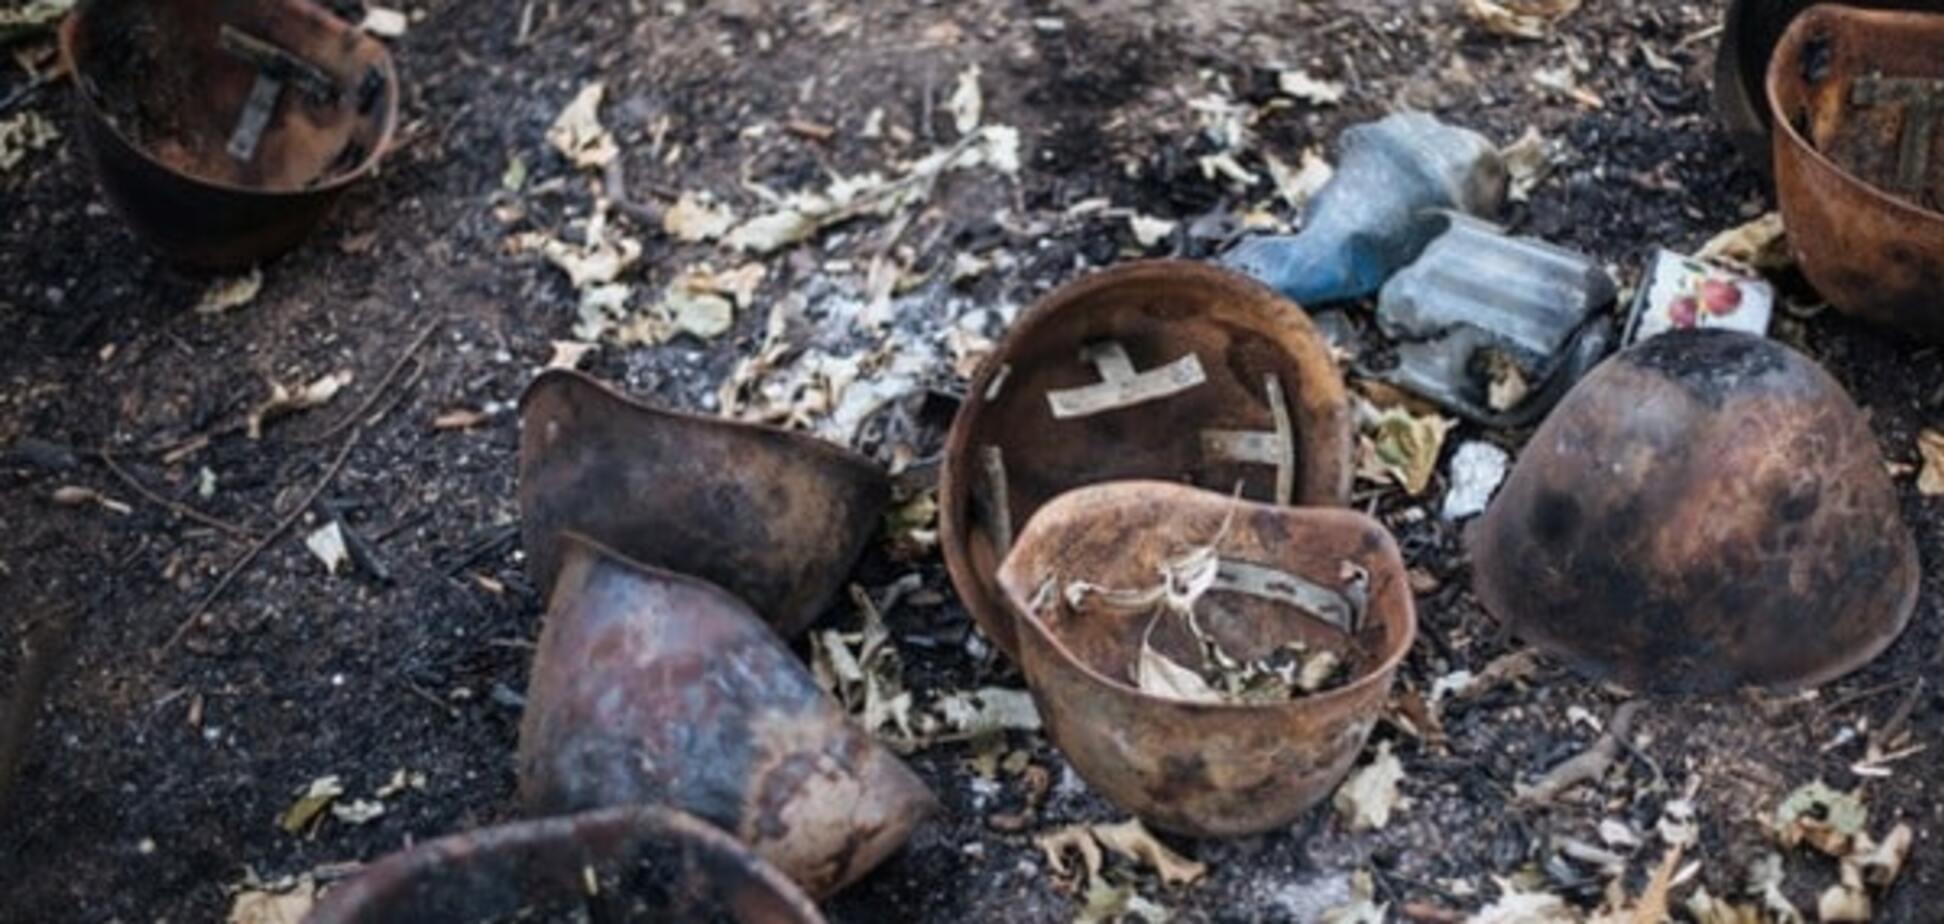 Розвідка повідомила про чергові втрати кадрових військ Росії на Донбасі